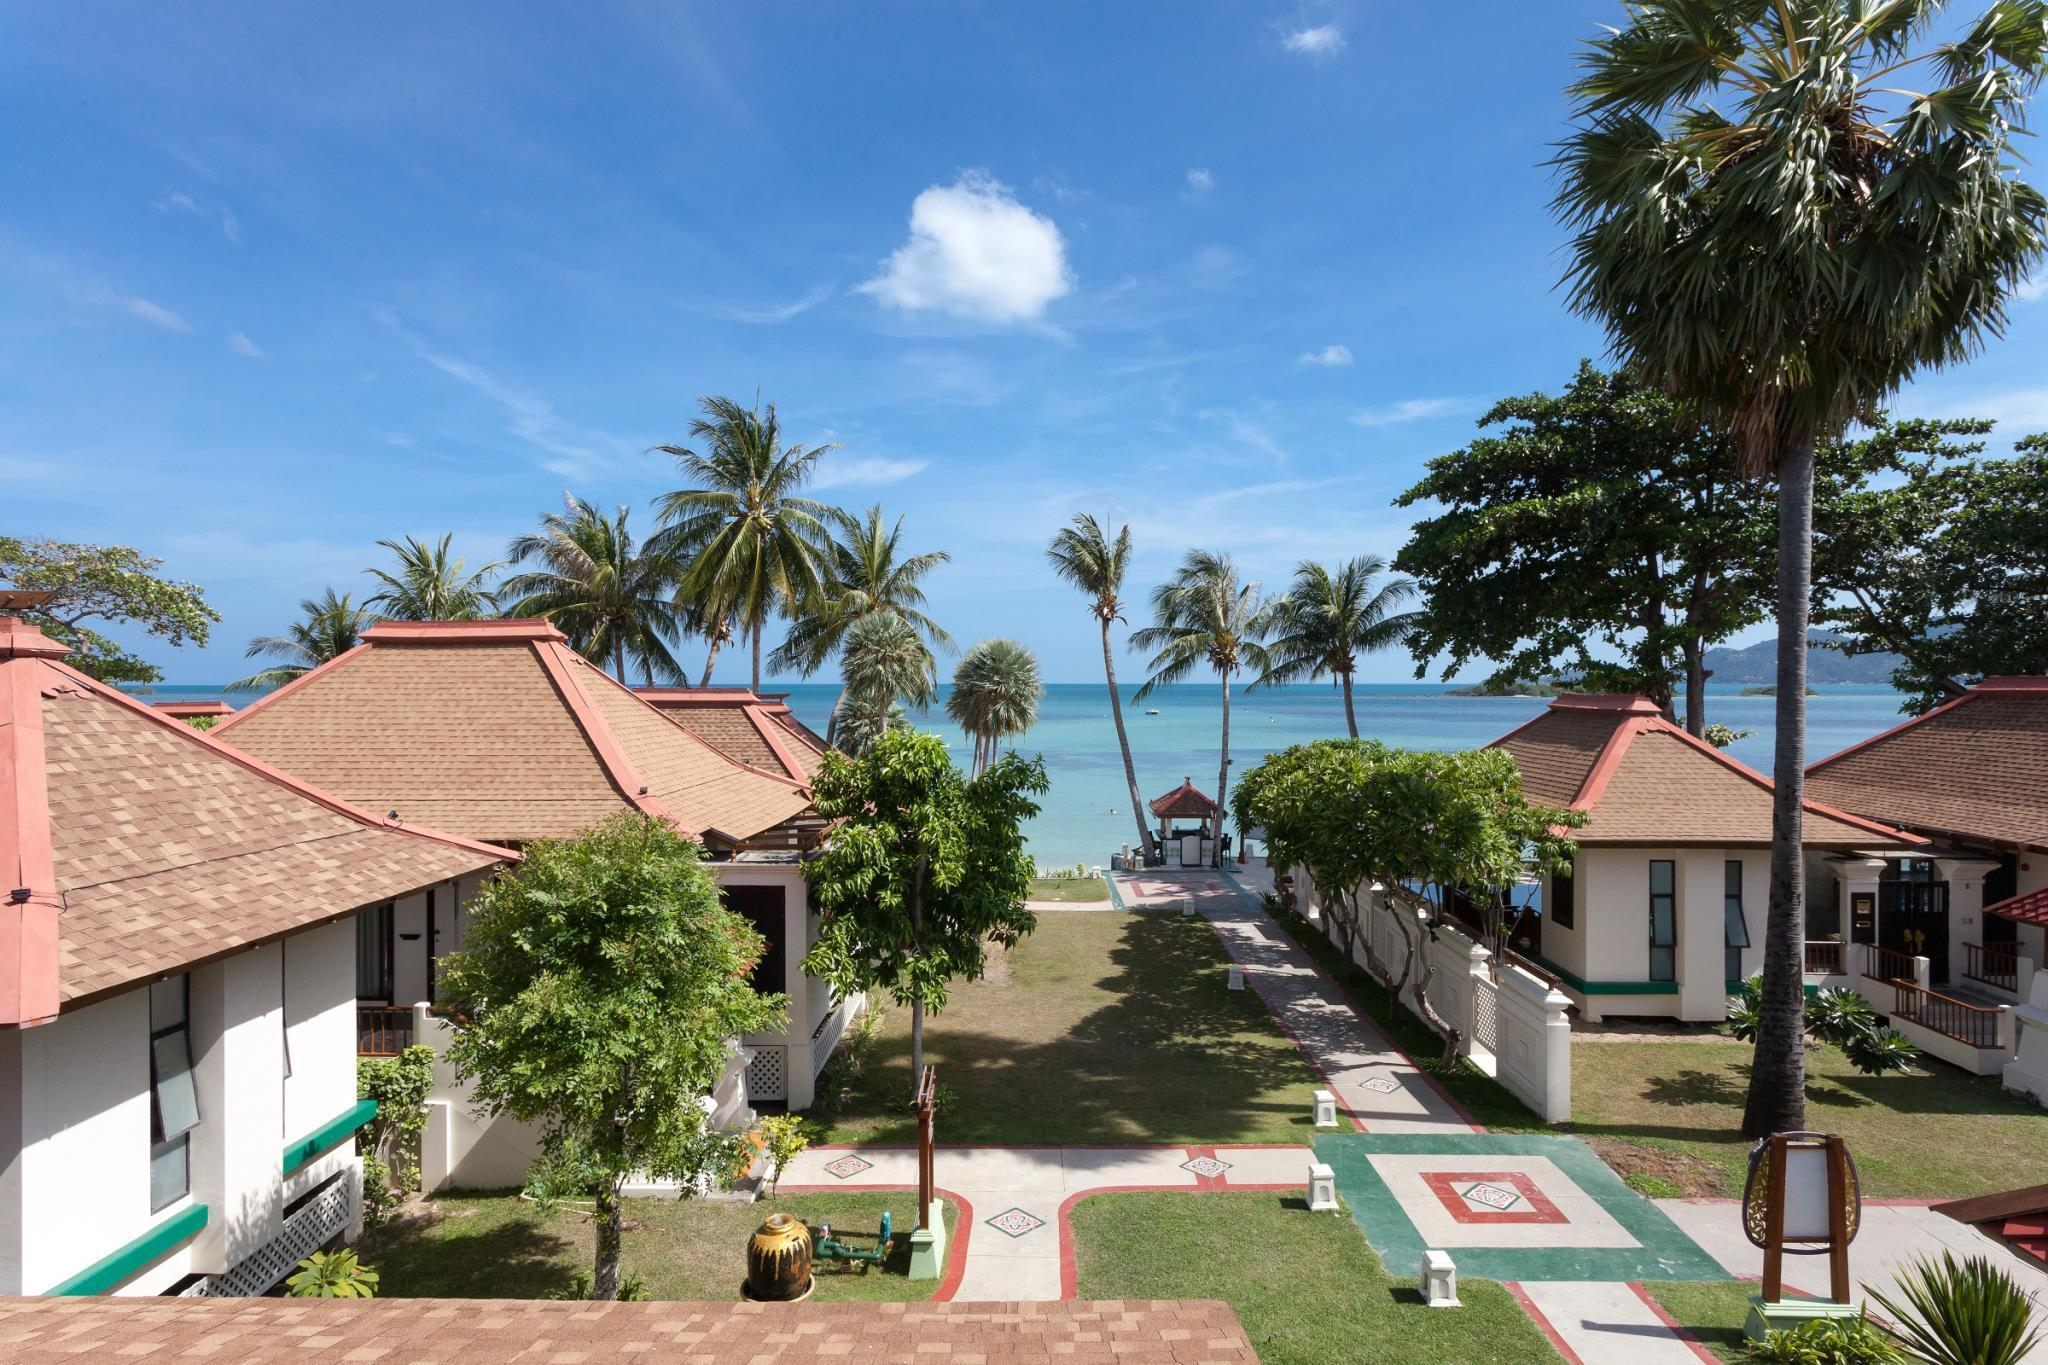 The Briza Beach Resort เดอะ บริษา บีช รีสอร์ท